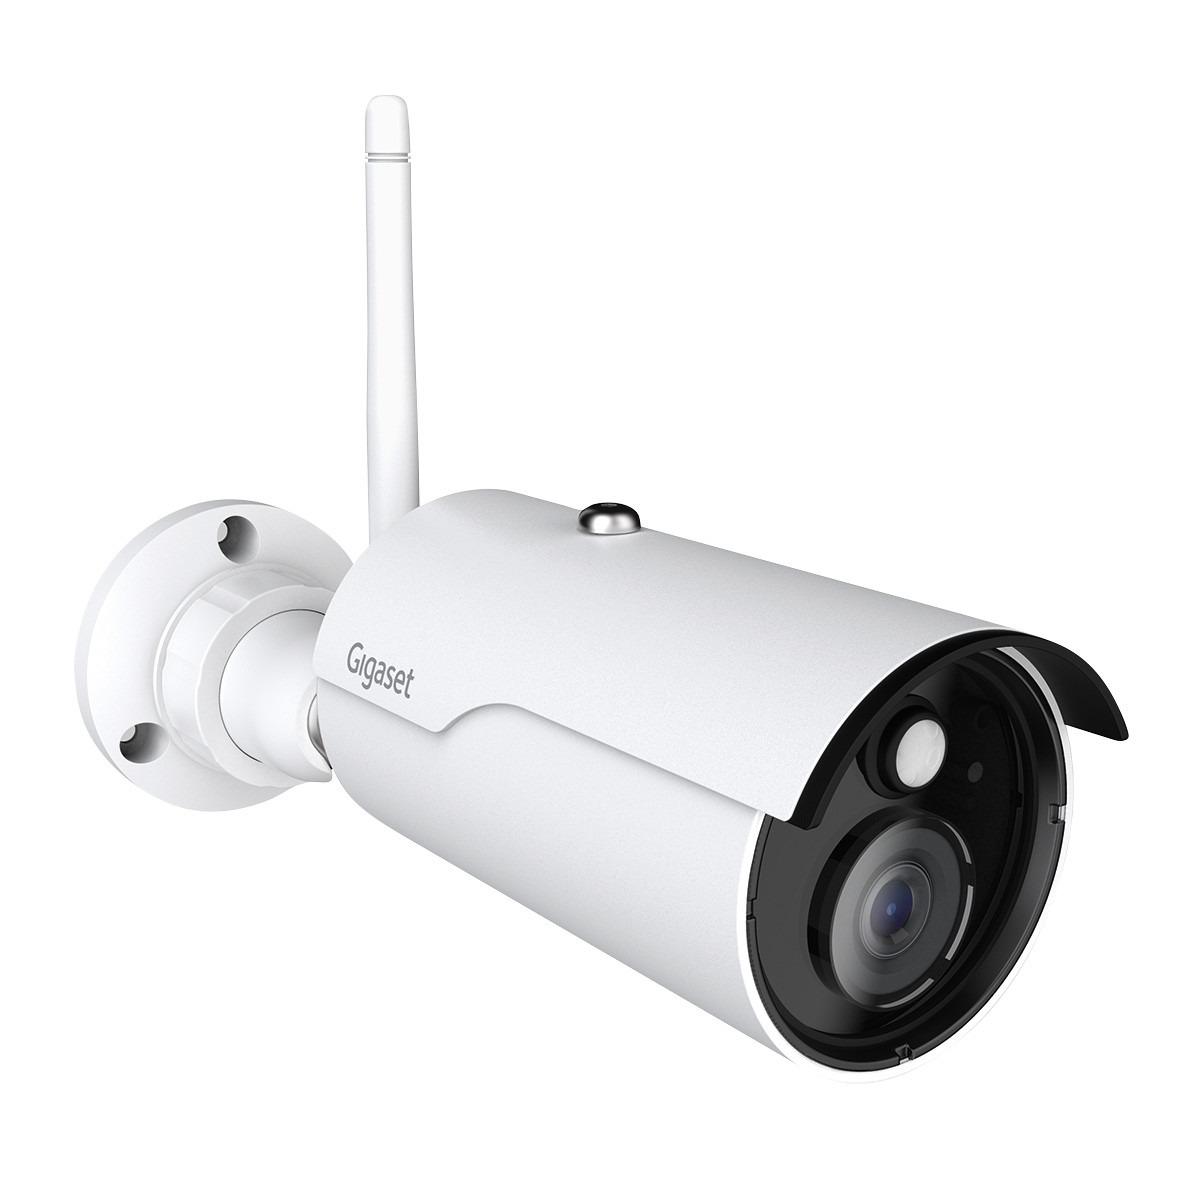 Gigaset Outdoor camera IP-camera Wit online kopen